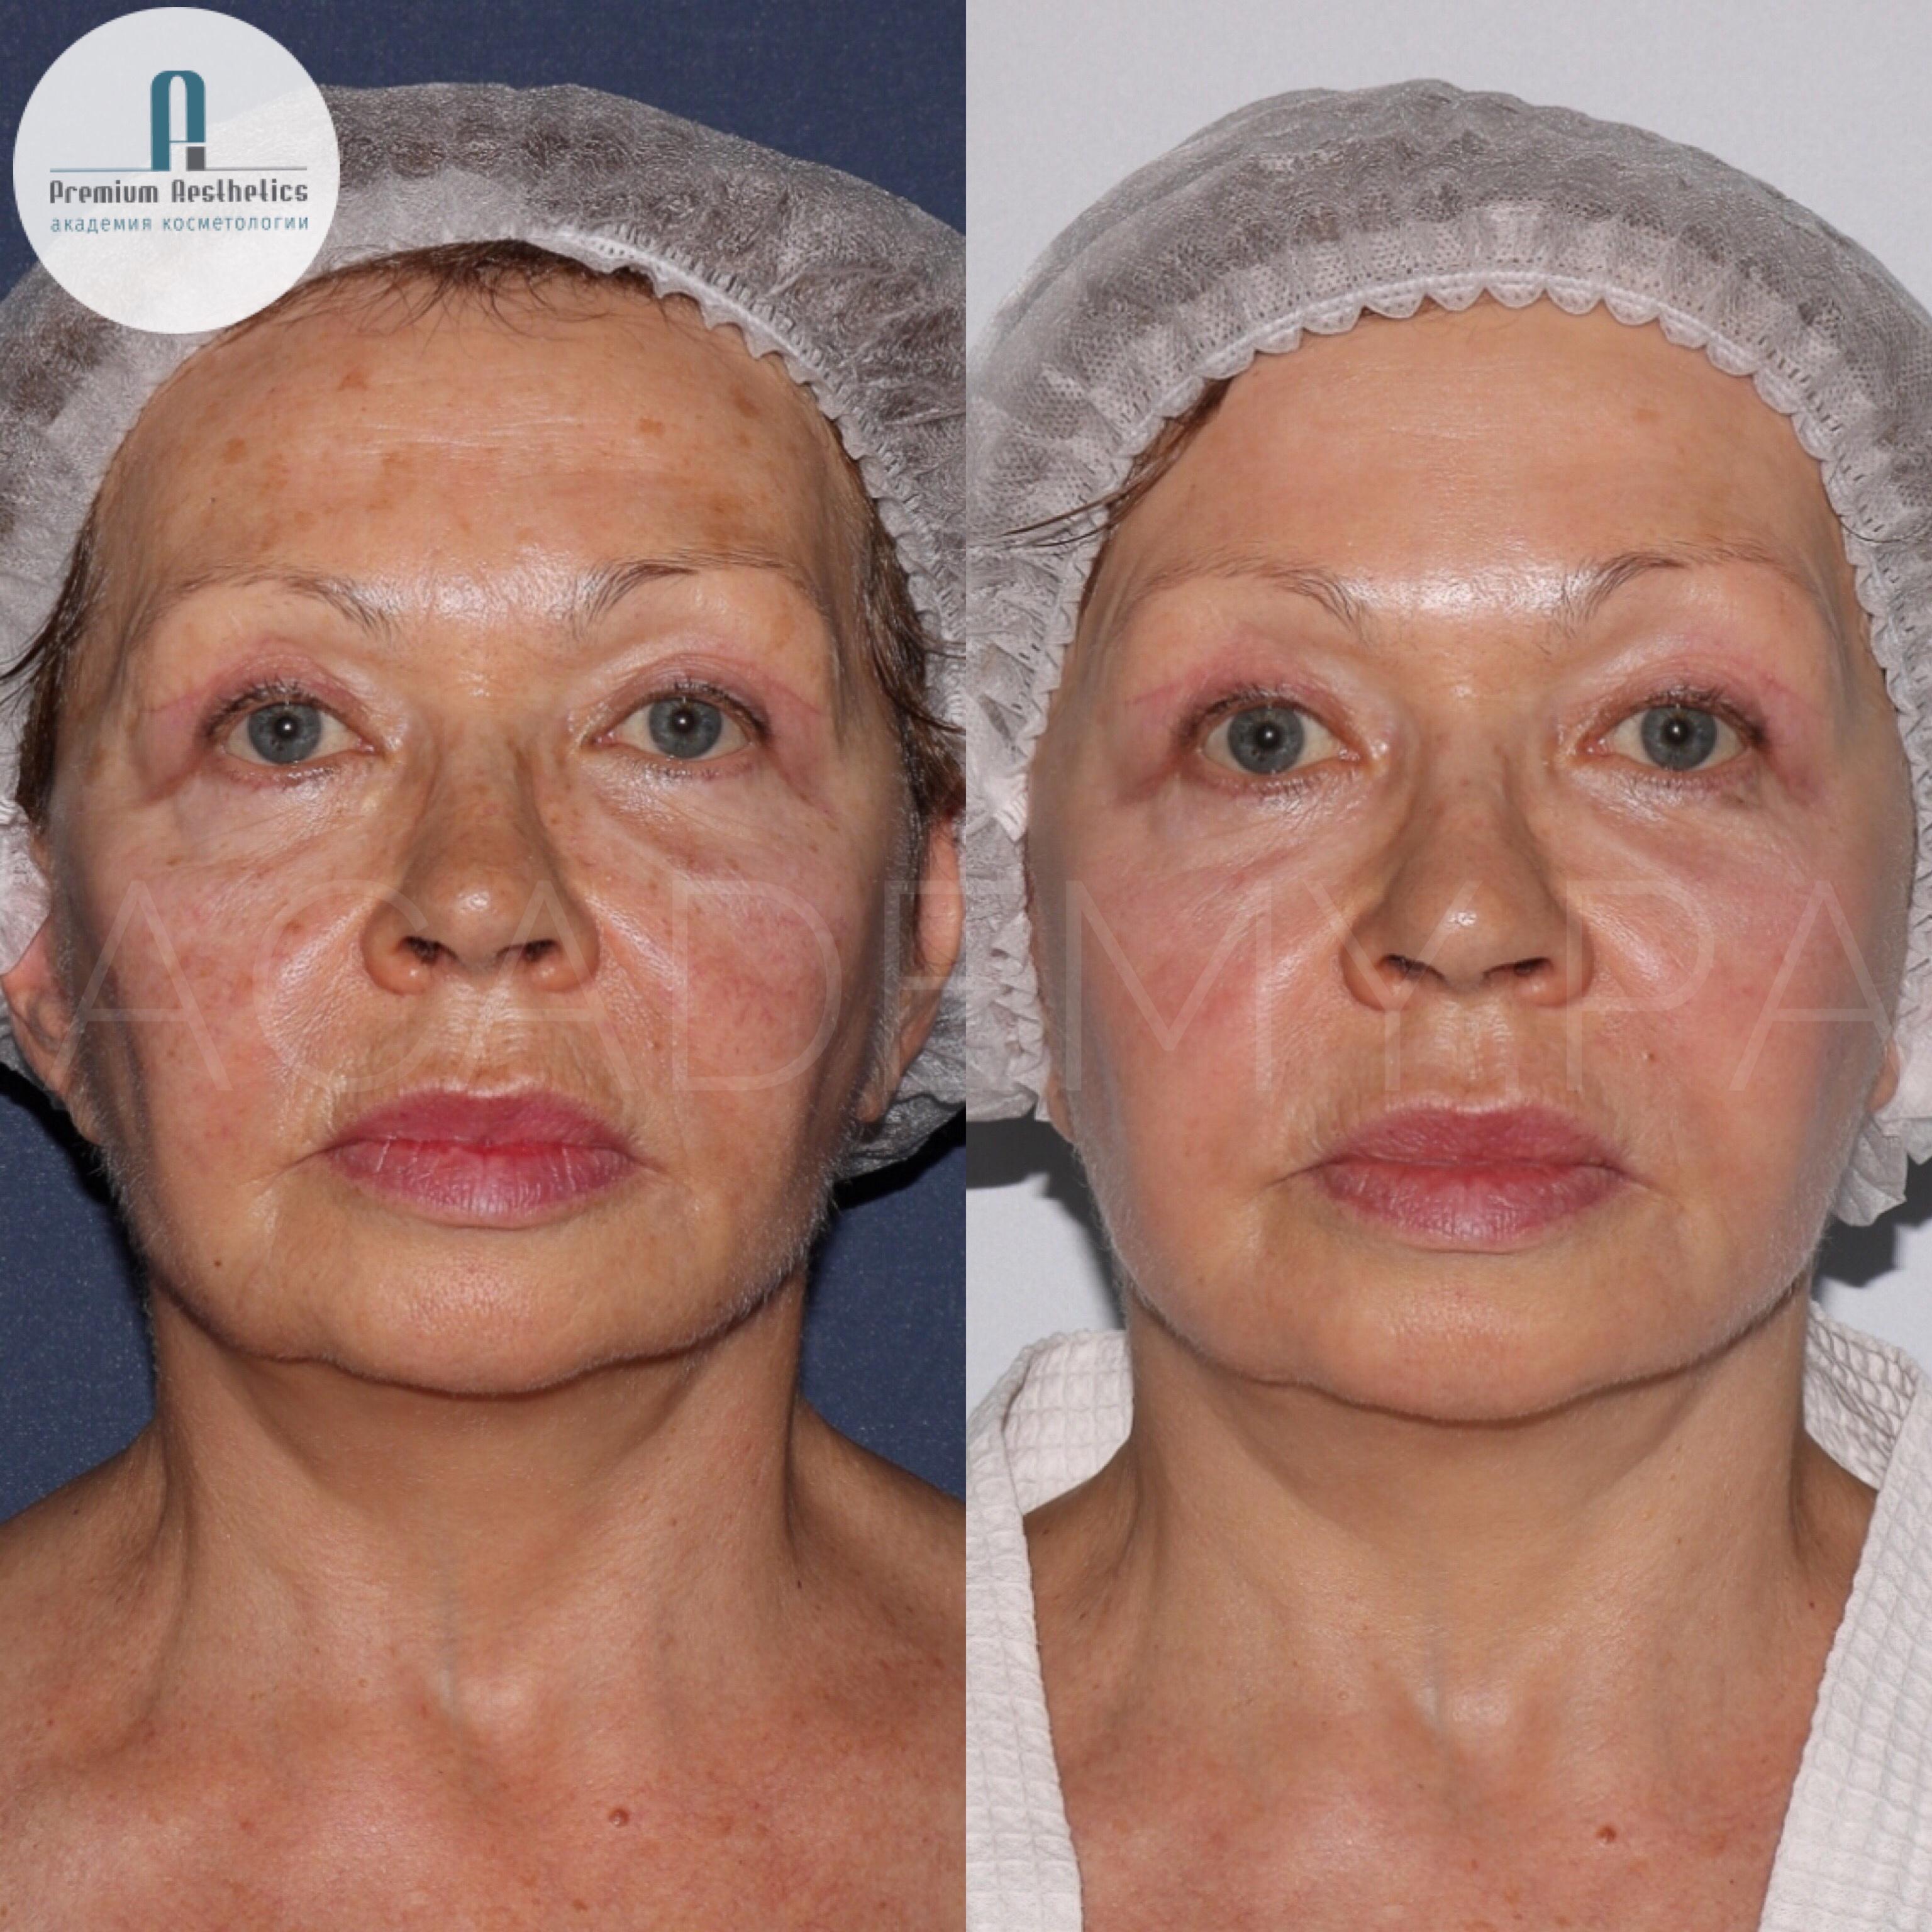 Лазерное омоложение лица: отзывы, фото до и после